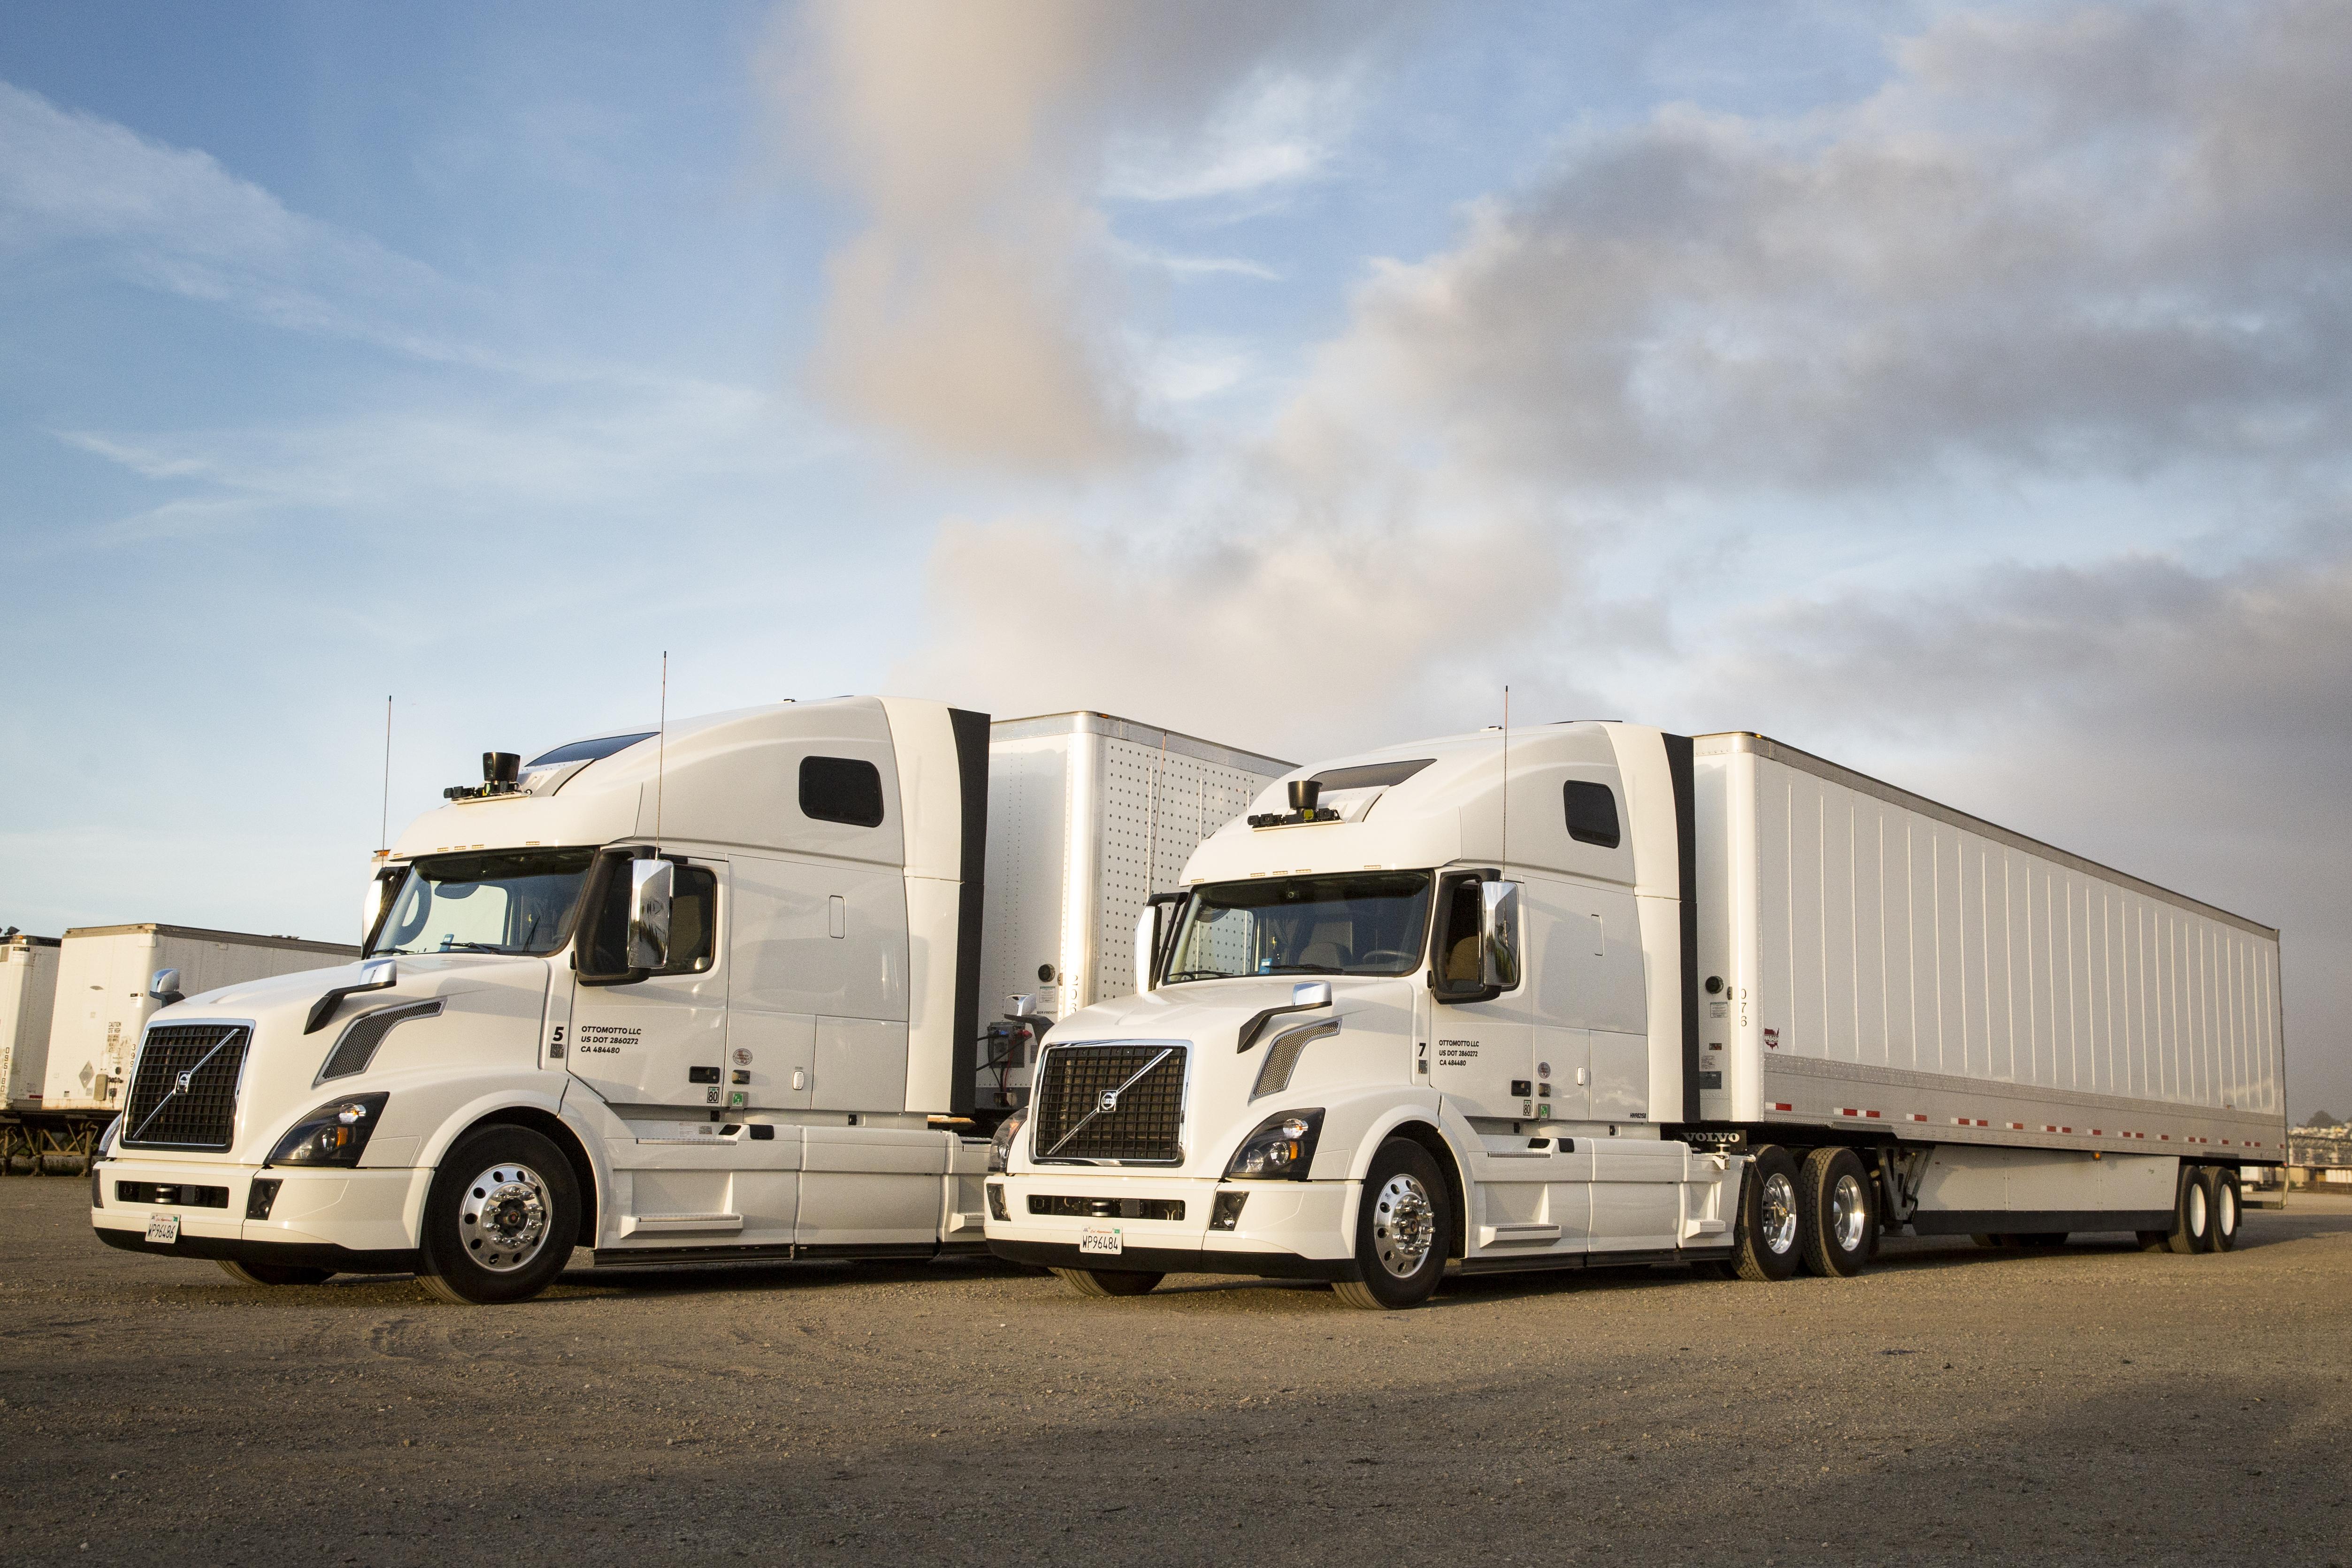 Dos de los camiones autónomos de Uber esperando su próximo viaje.